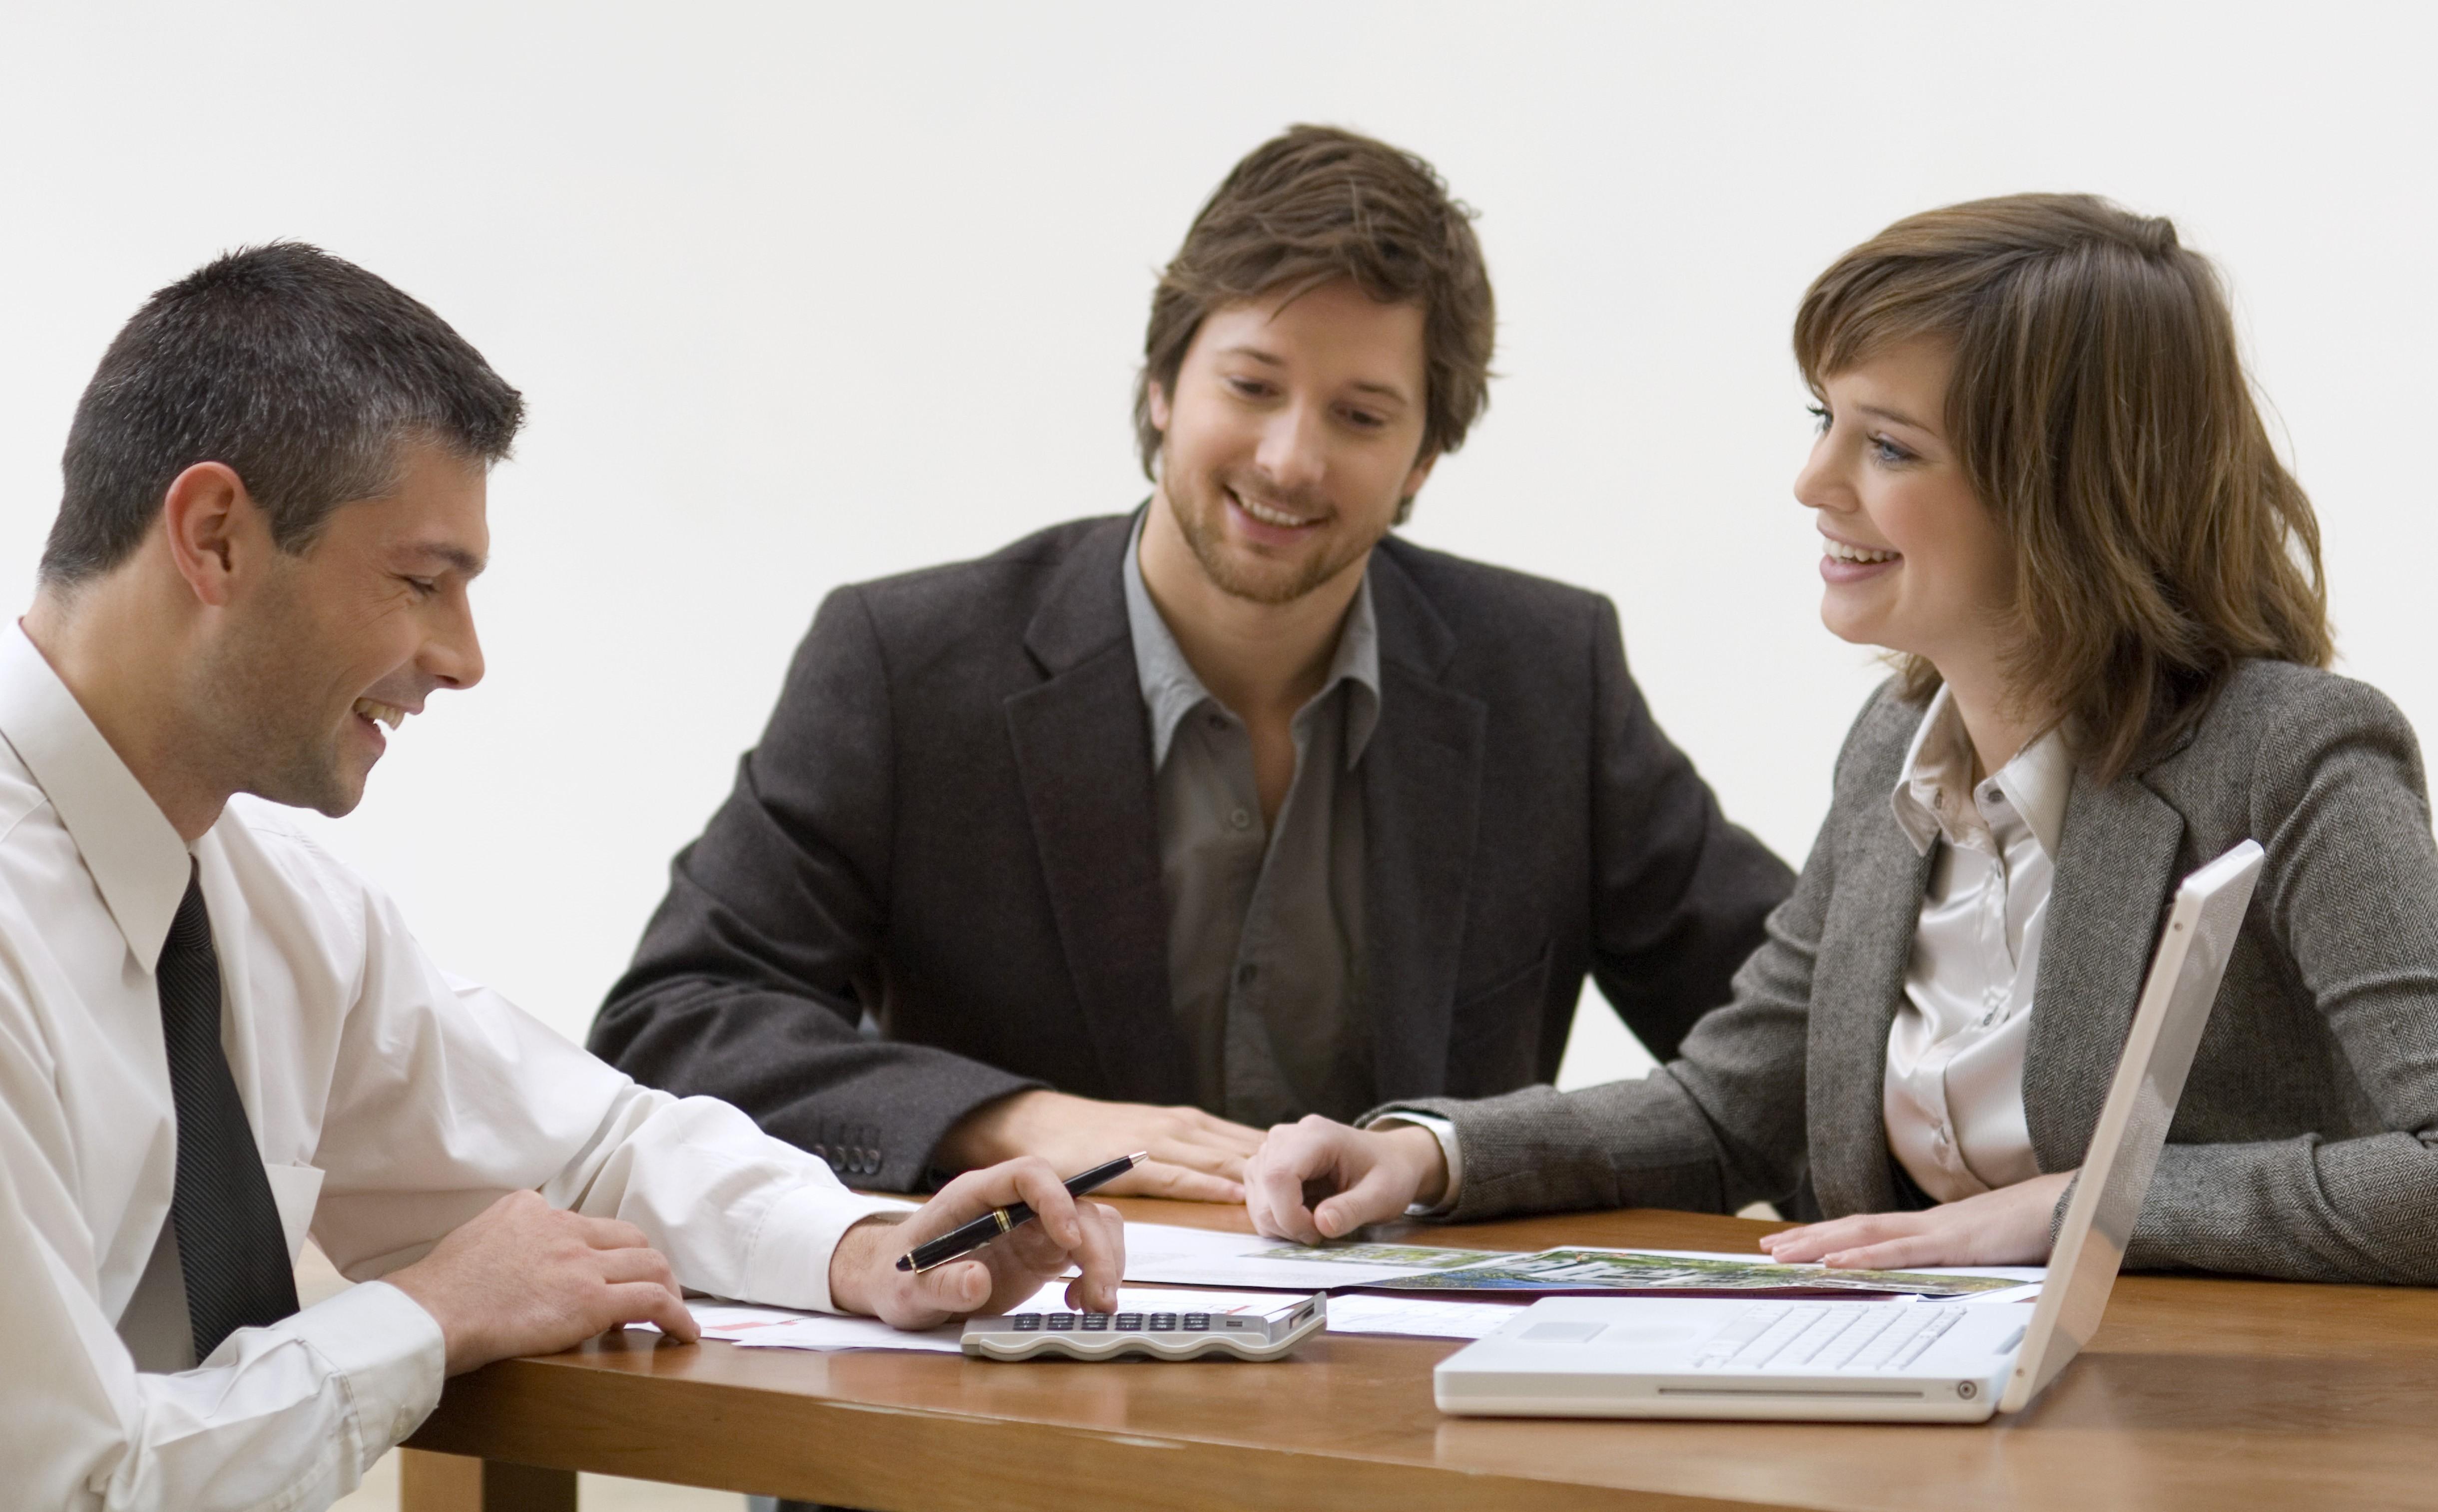 Piensas pedir un pr stamo hipotecario el mejor consejo venta de apartamentos en cali - Pedir prestamo hipotecario ...